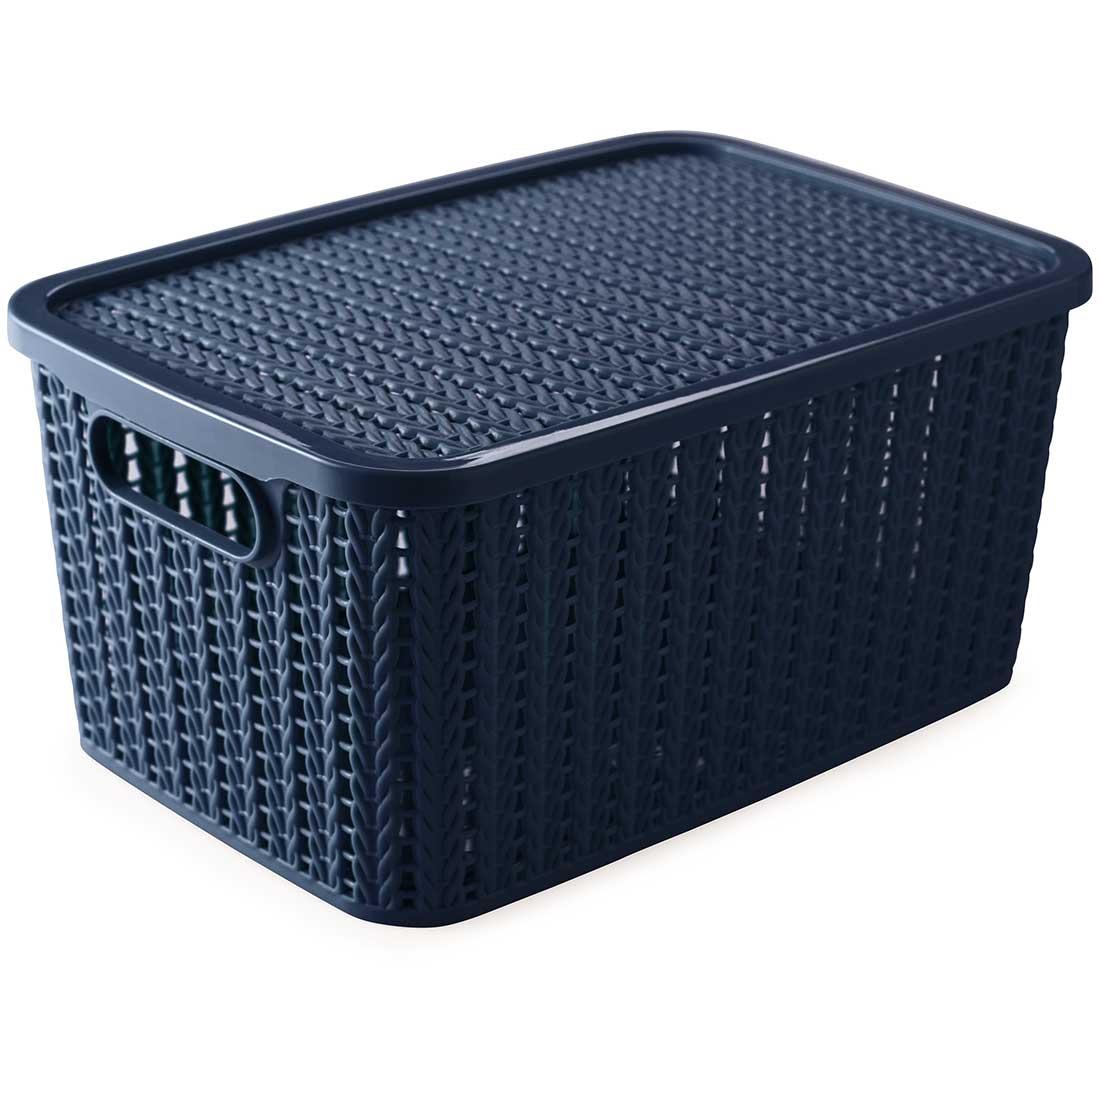 Caixa organizadora retangular 4,7 Litros Decor Trama Azul